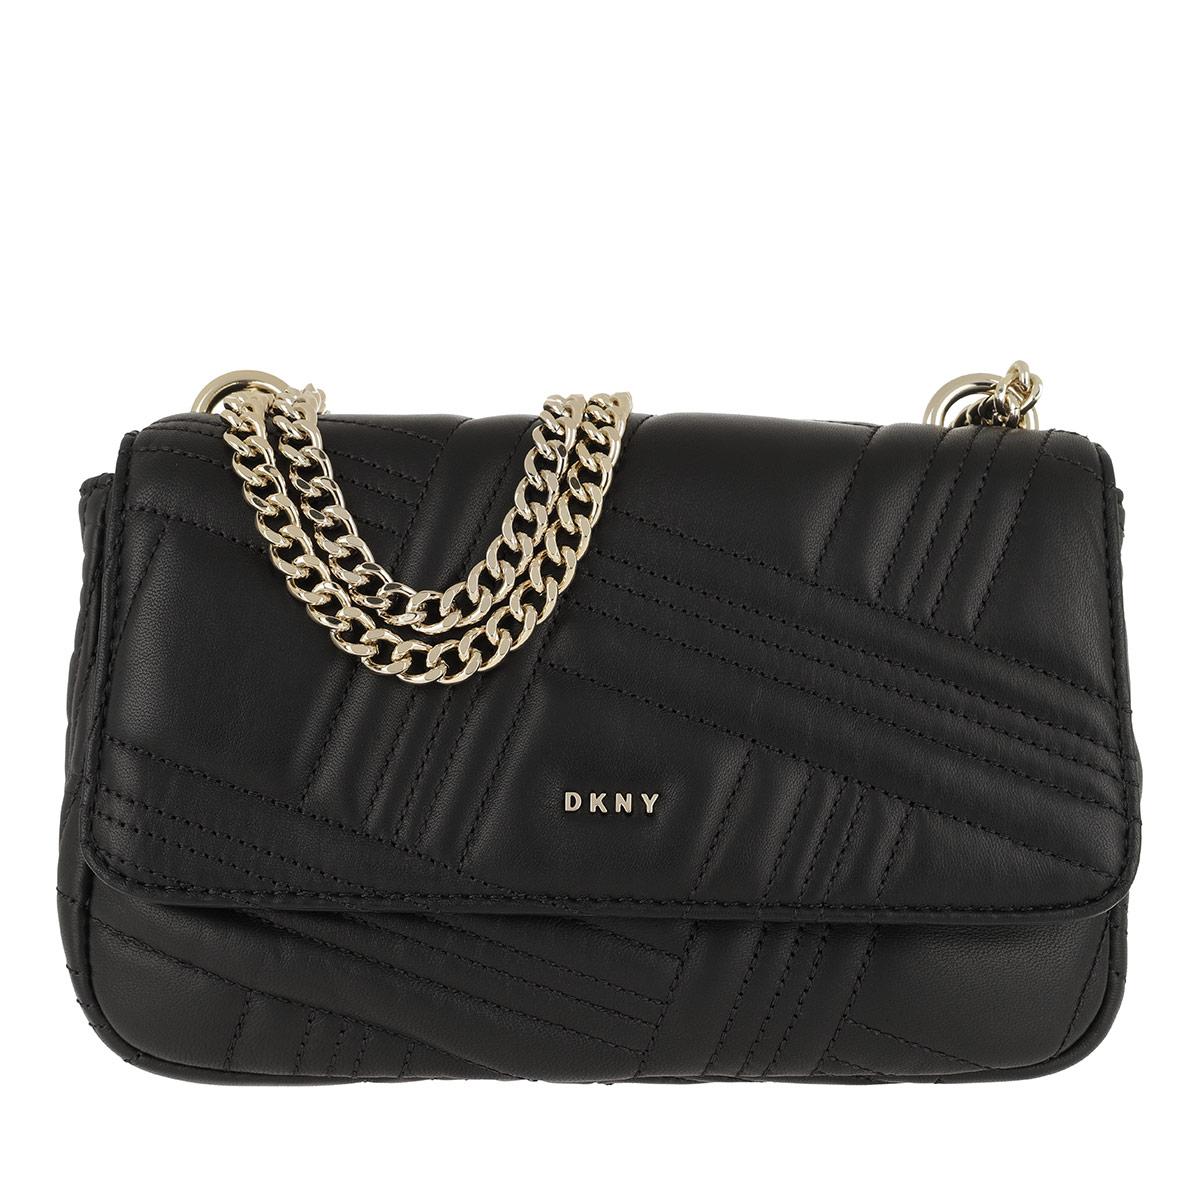 DKNY Umhängetasche - Allen MD Flap Shoulder Bag Black/Gold - in schwarz - für Damen